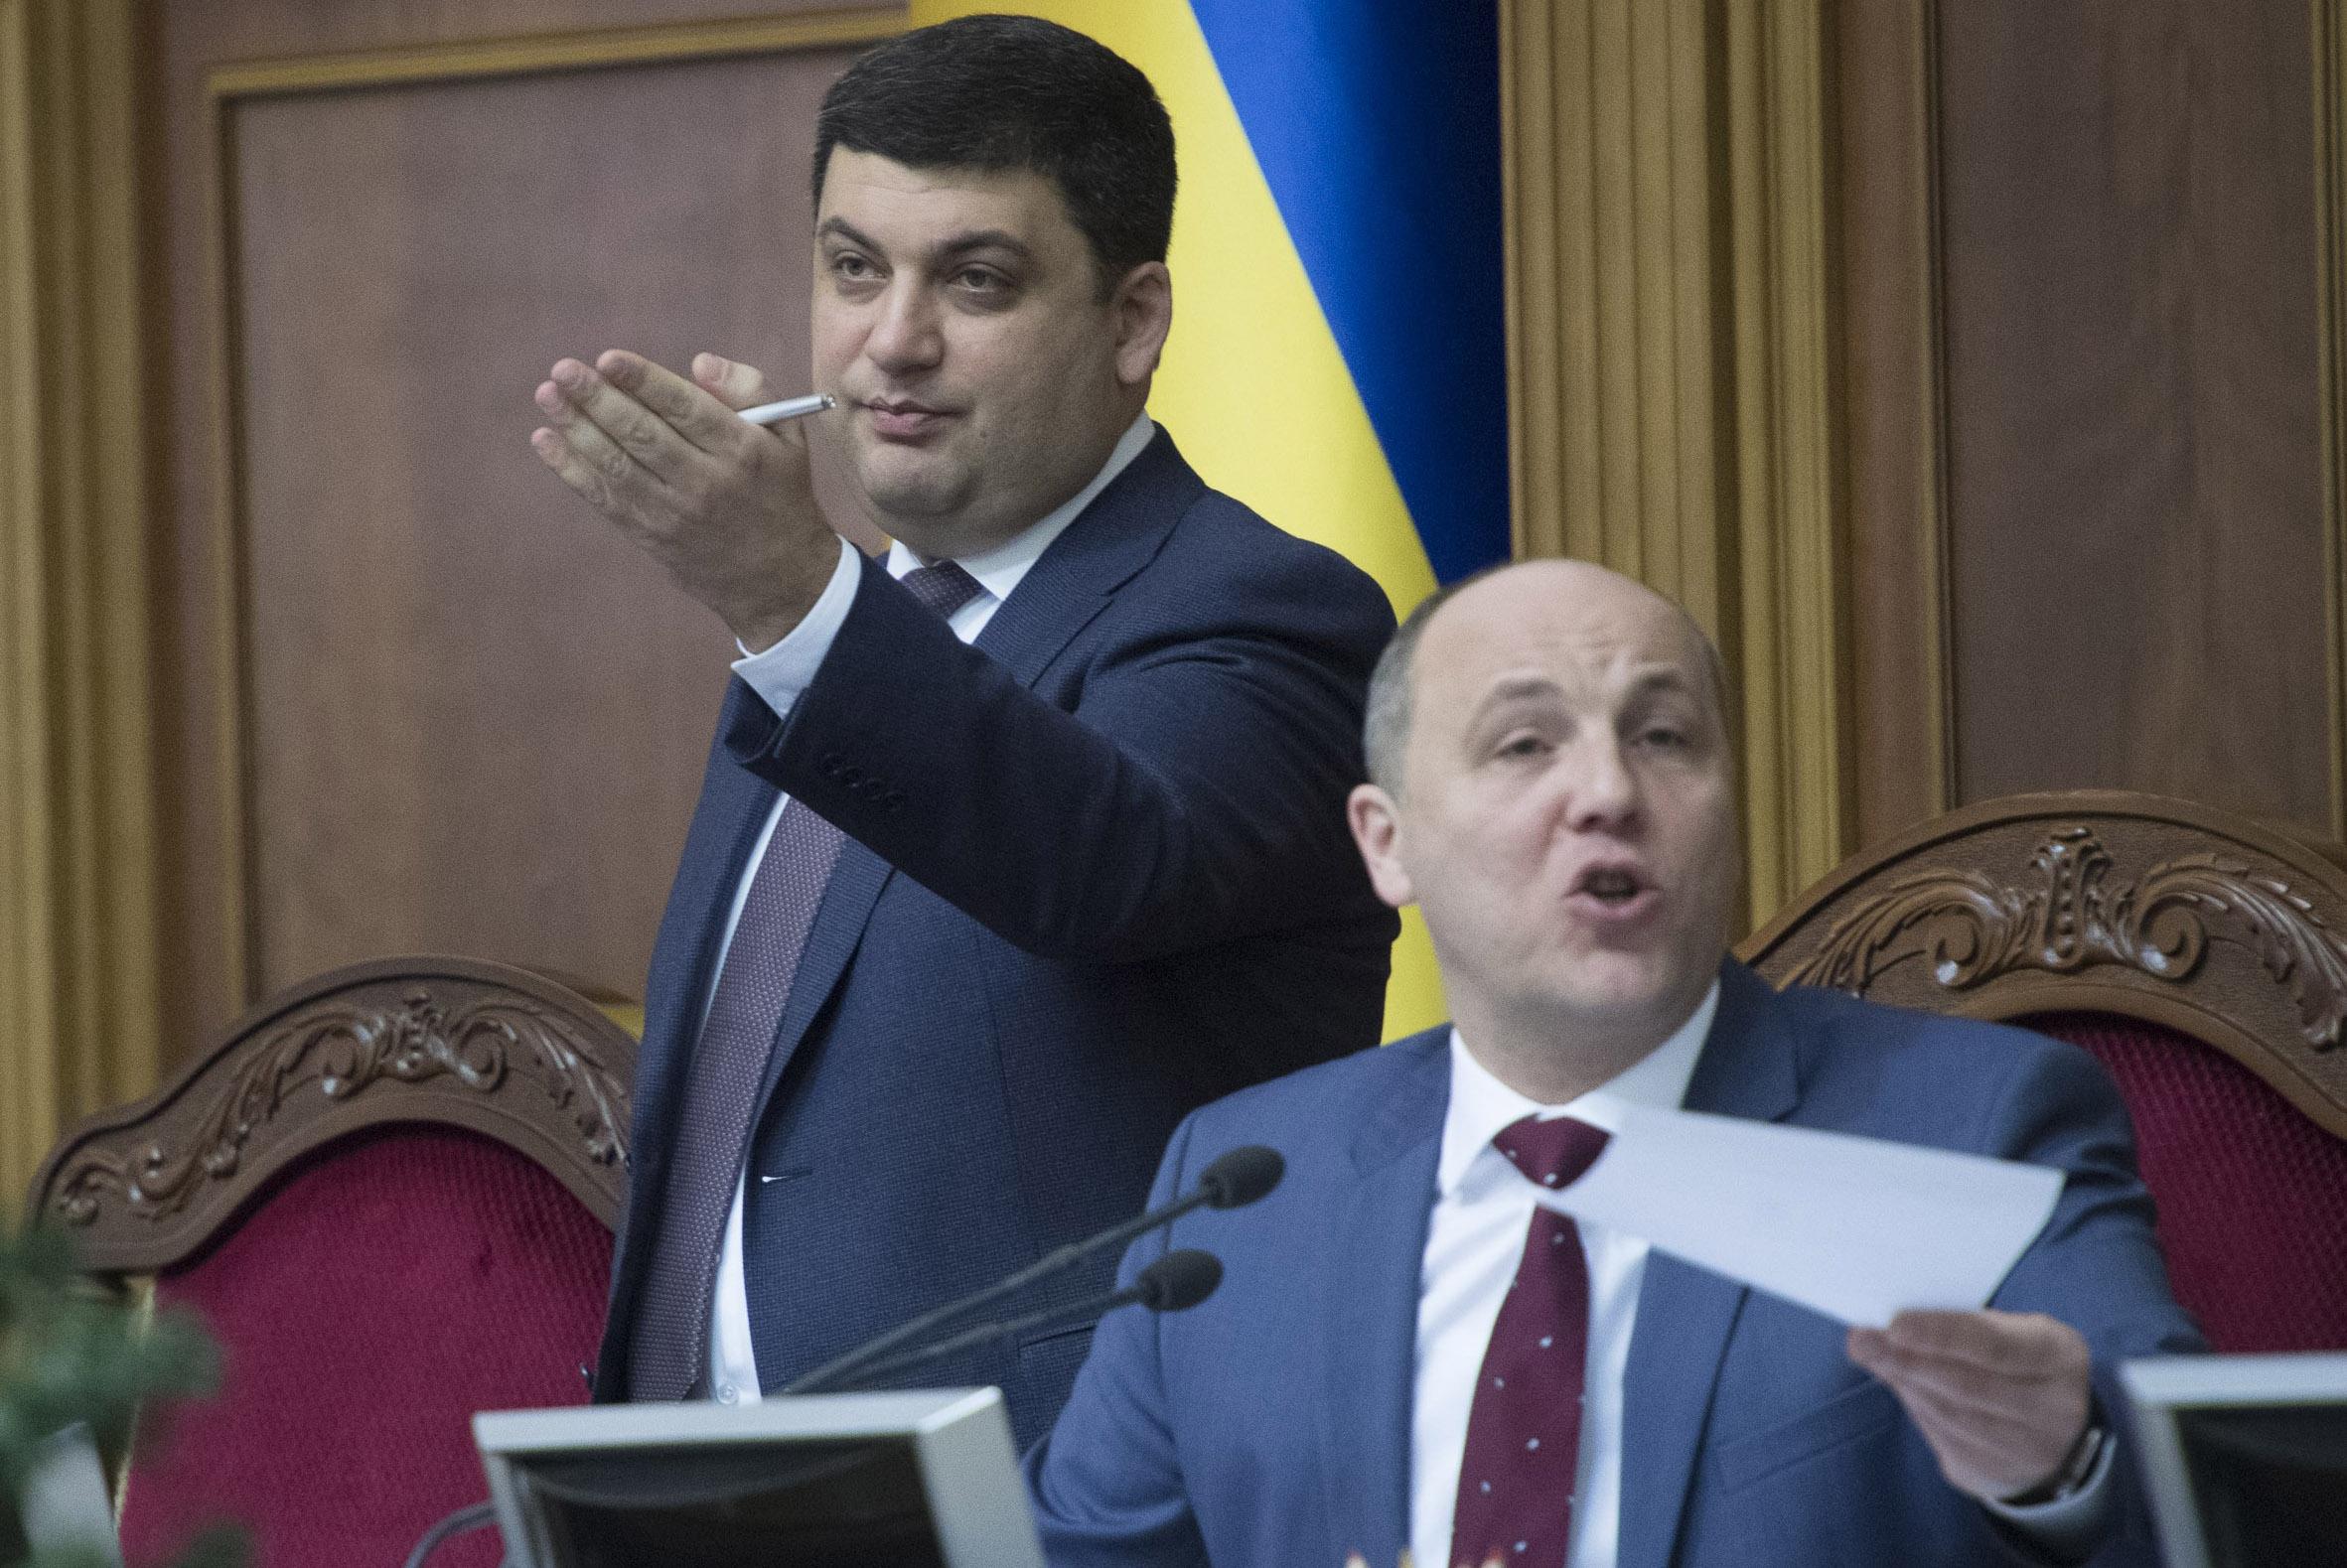 В повестке дня украинского парламента на ближайшей пленарной неделе немало вопросов